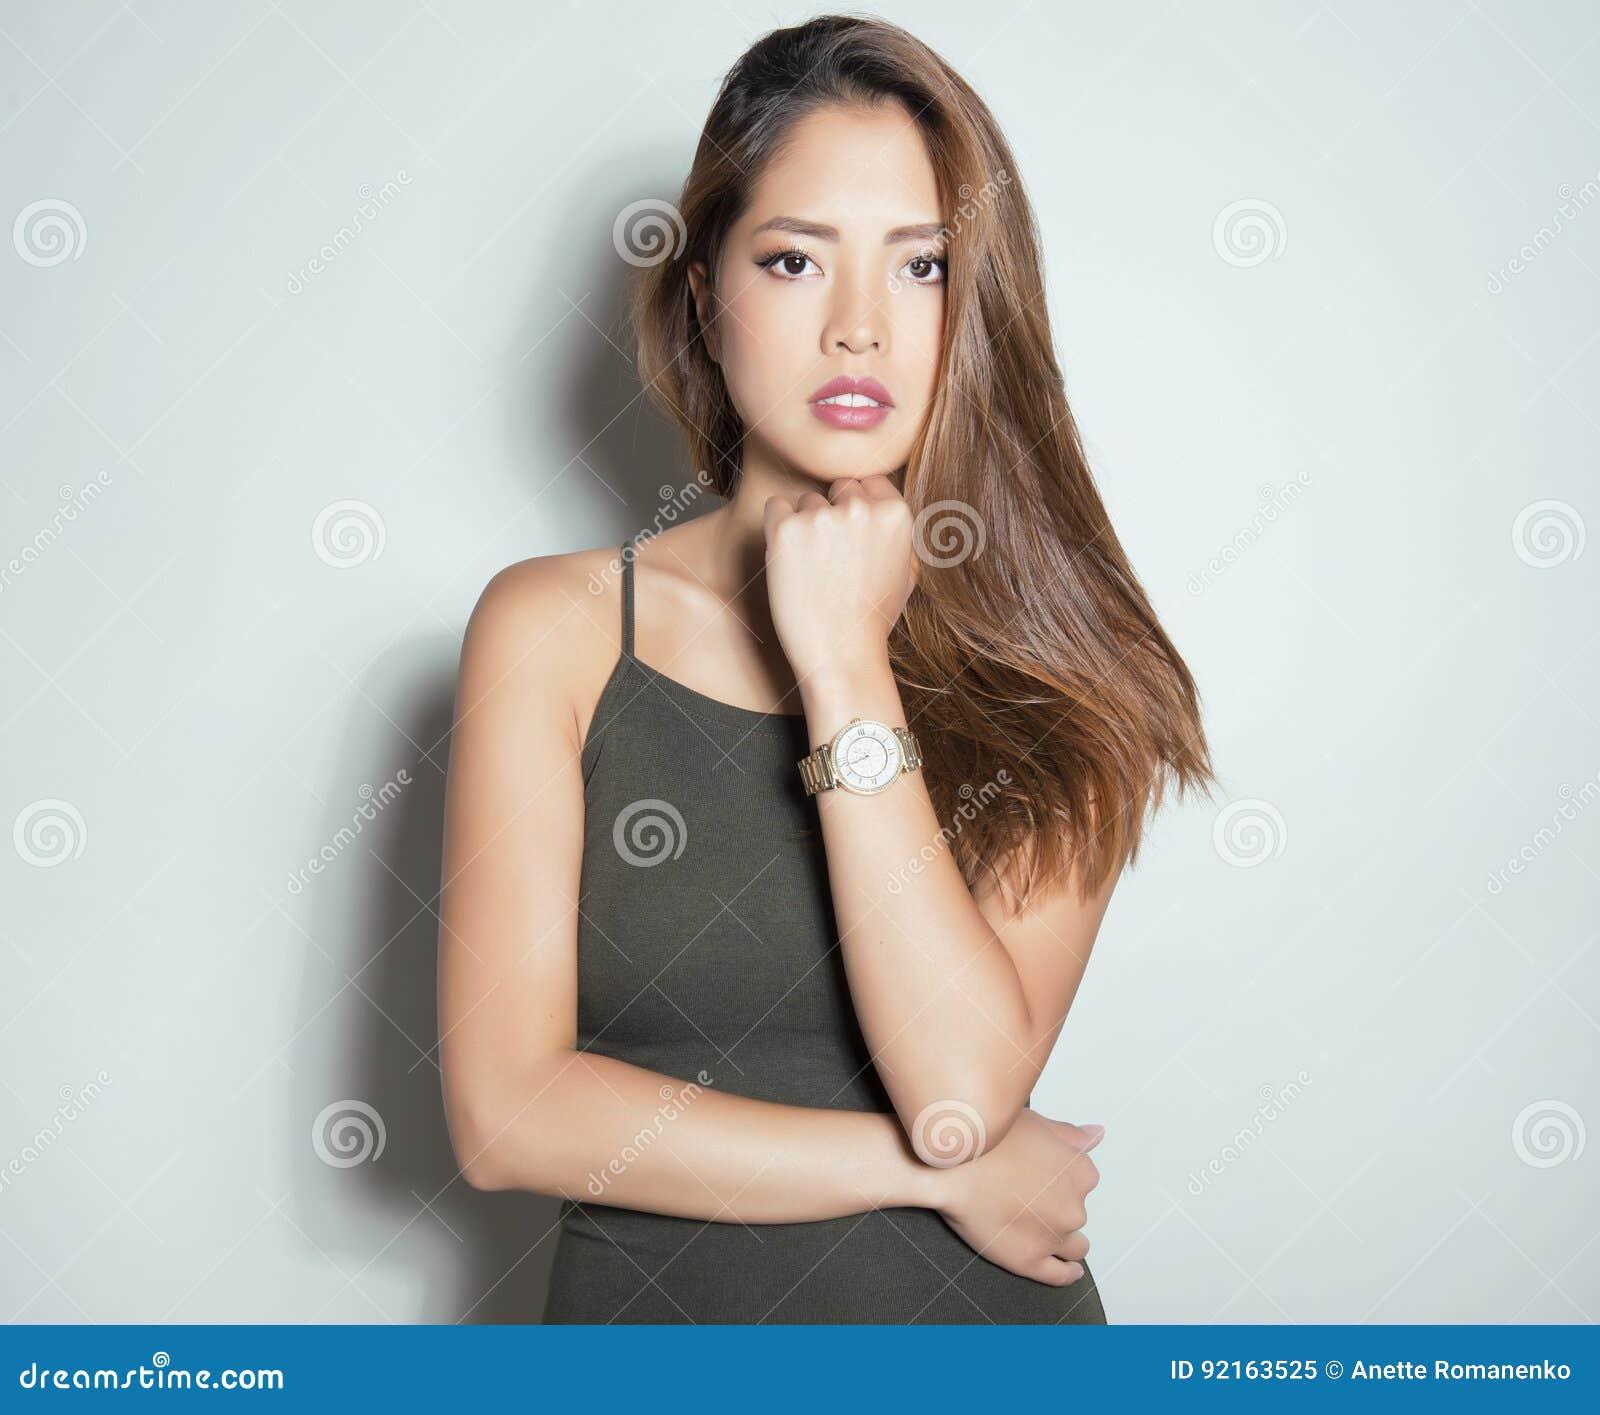 Montre Bracelet Femme Belle Port Image Jeune Asiatique De dQoCBWxre